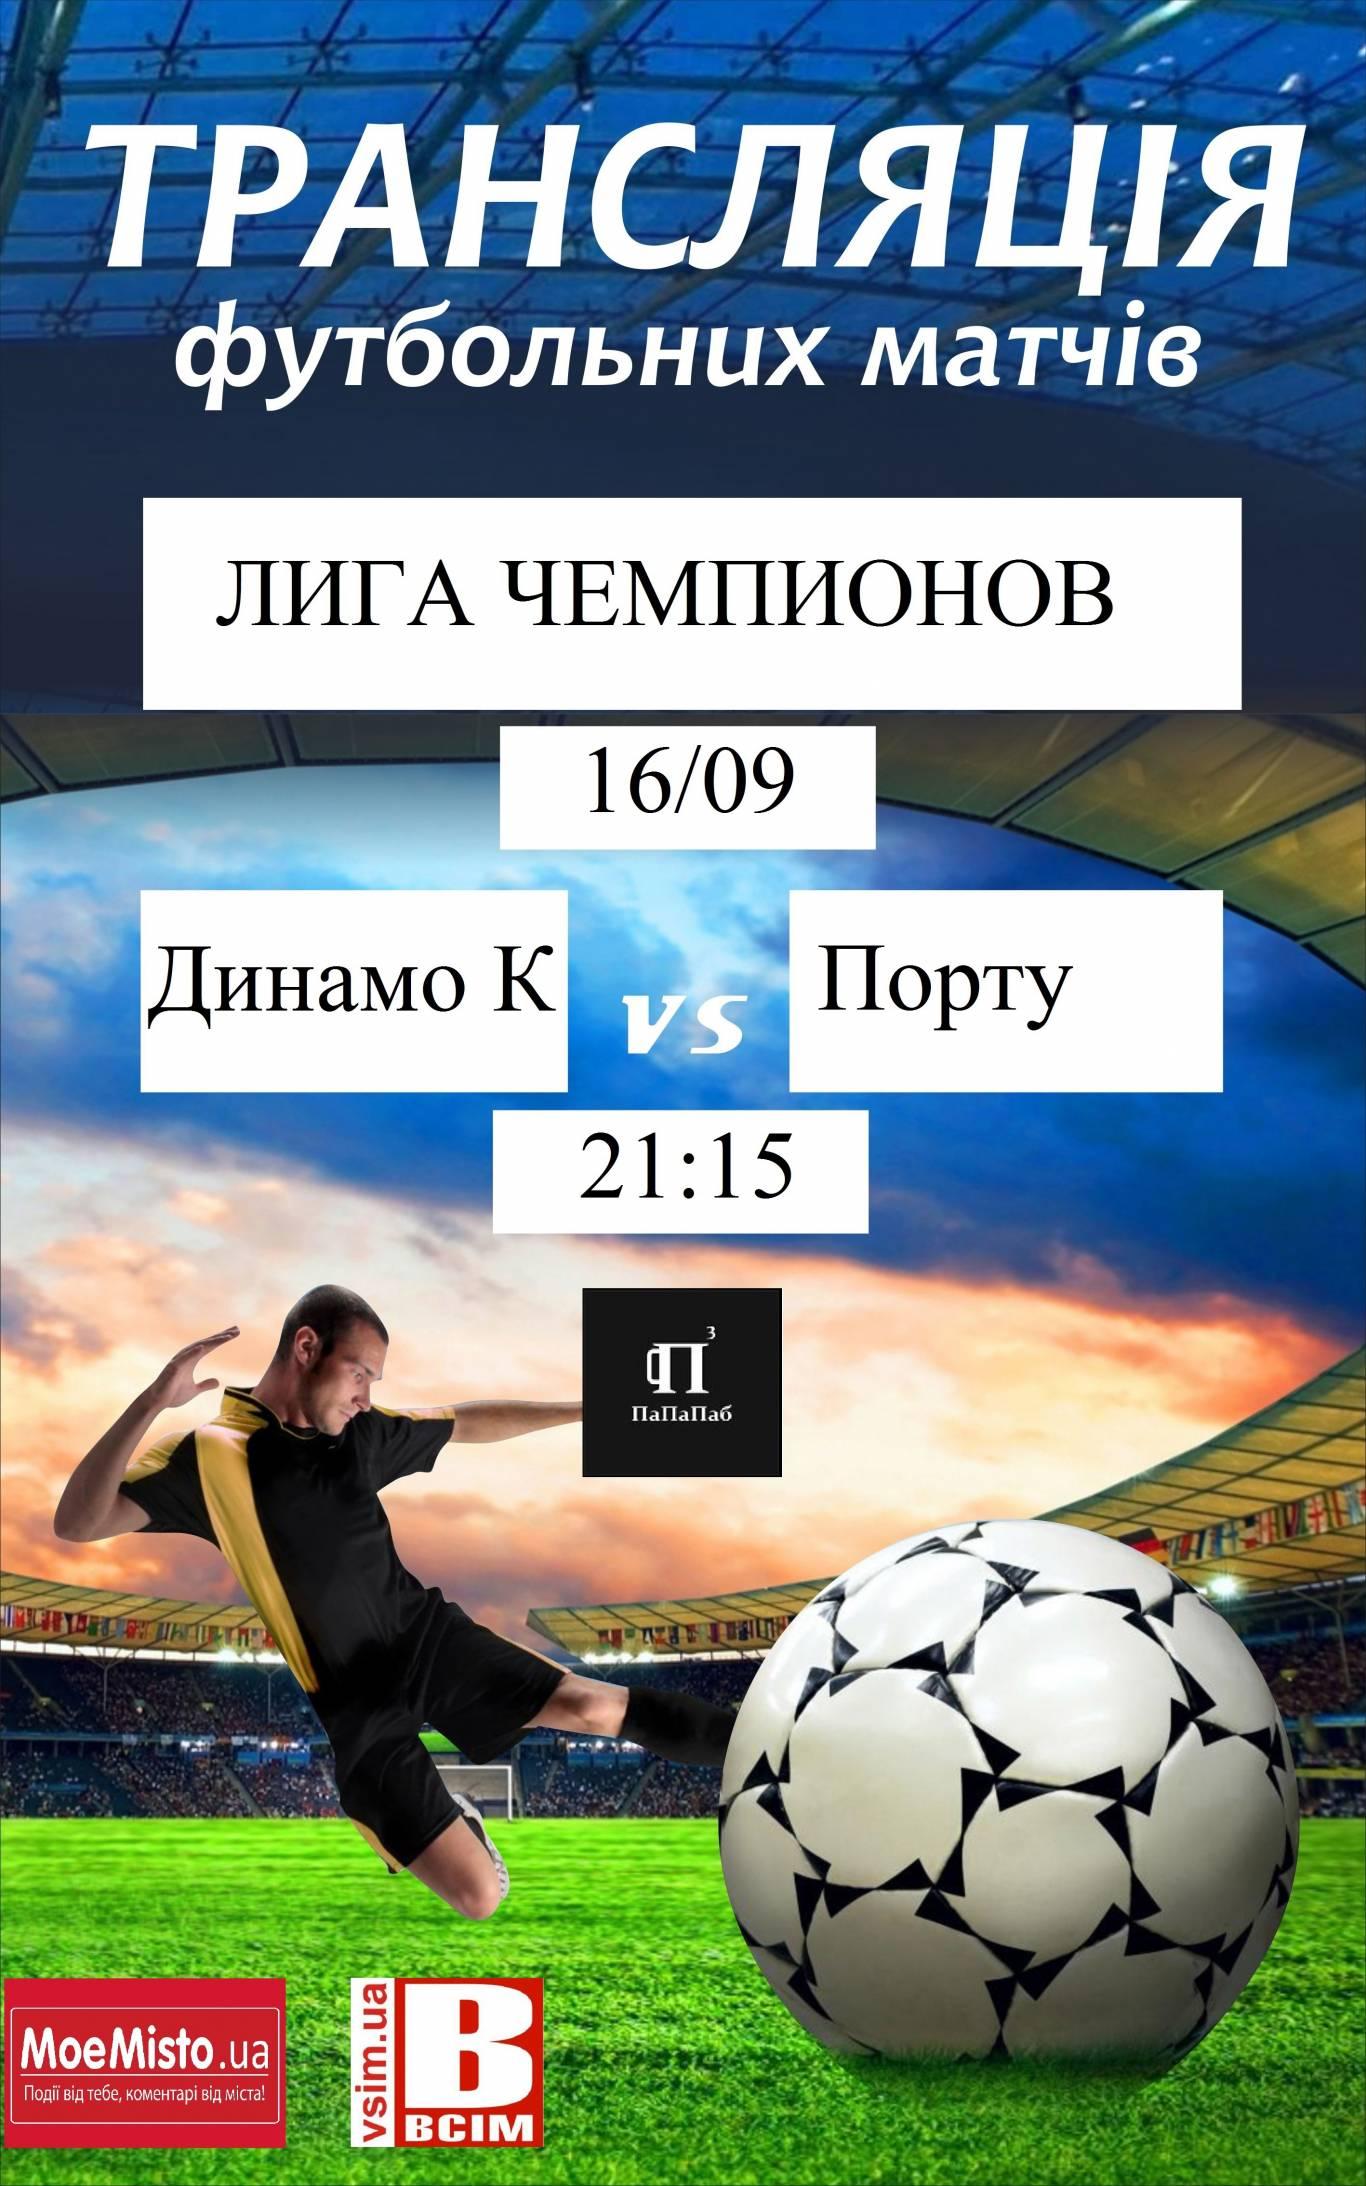 Футбол у ПаПаПаб